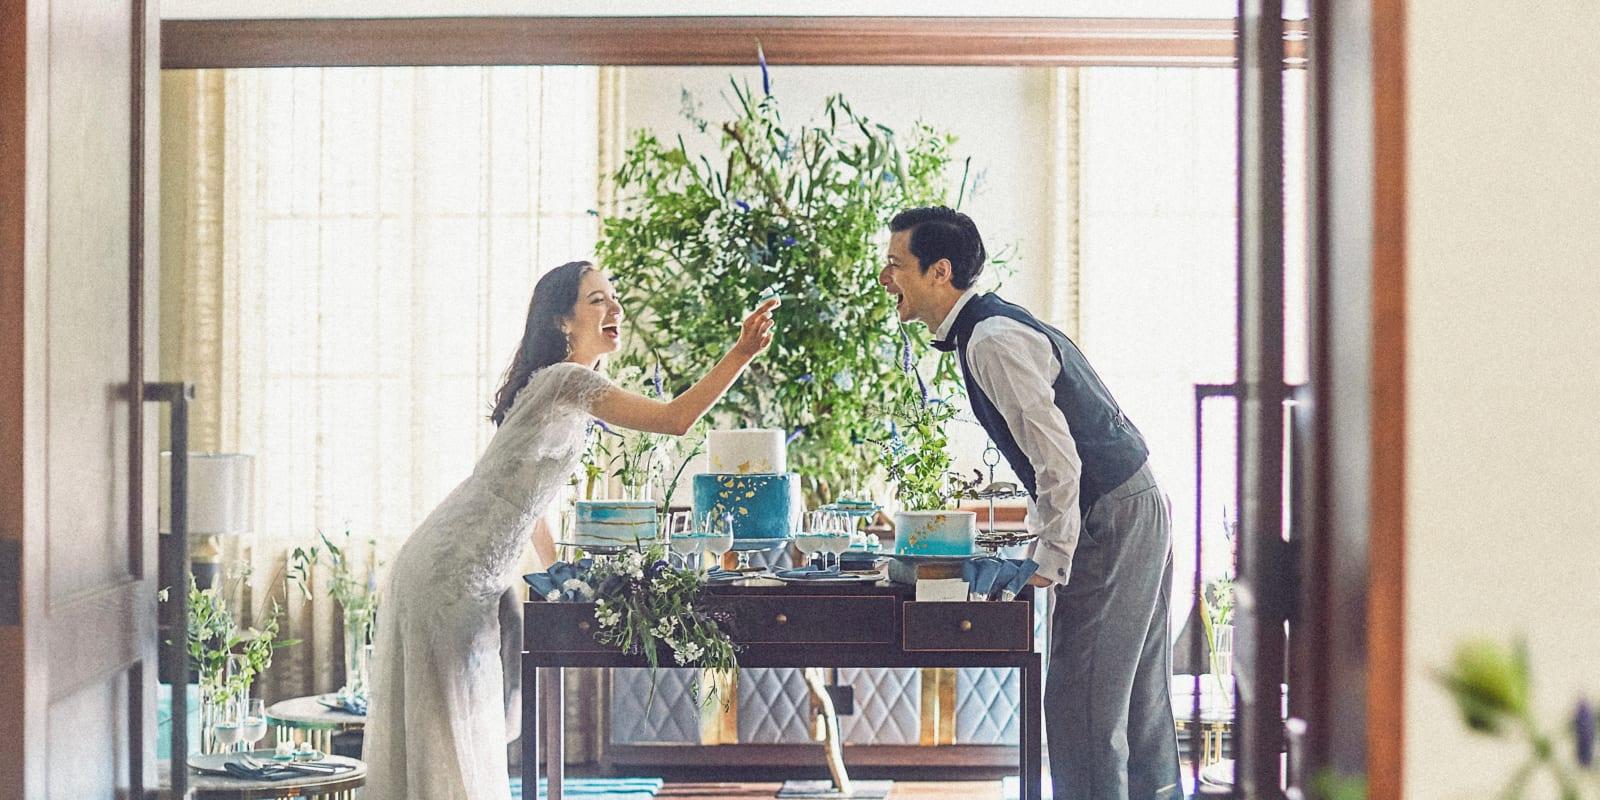 結婚式の時期により特典内容やプランも異なります